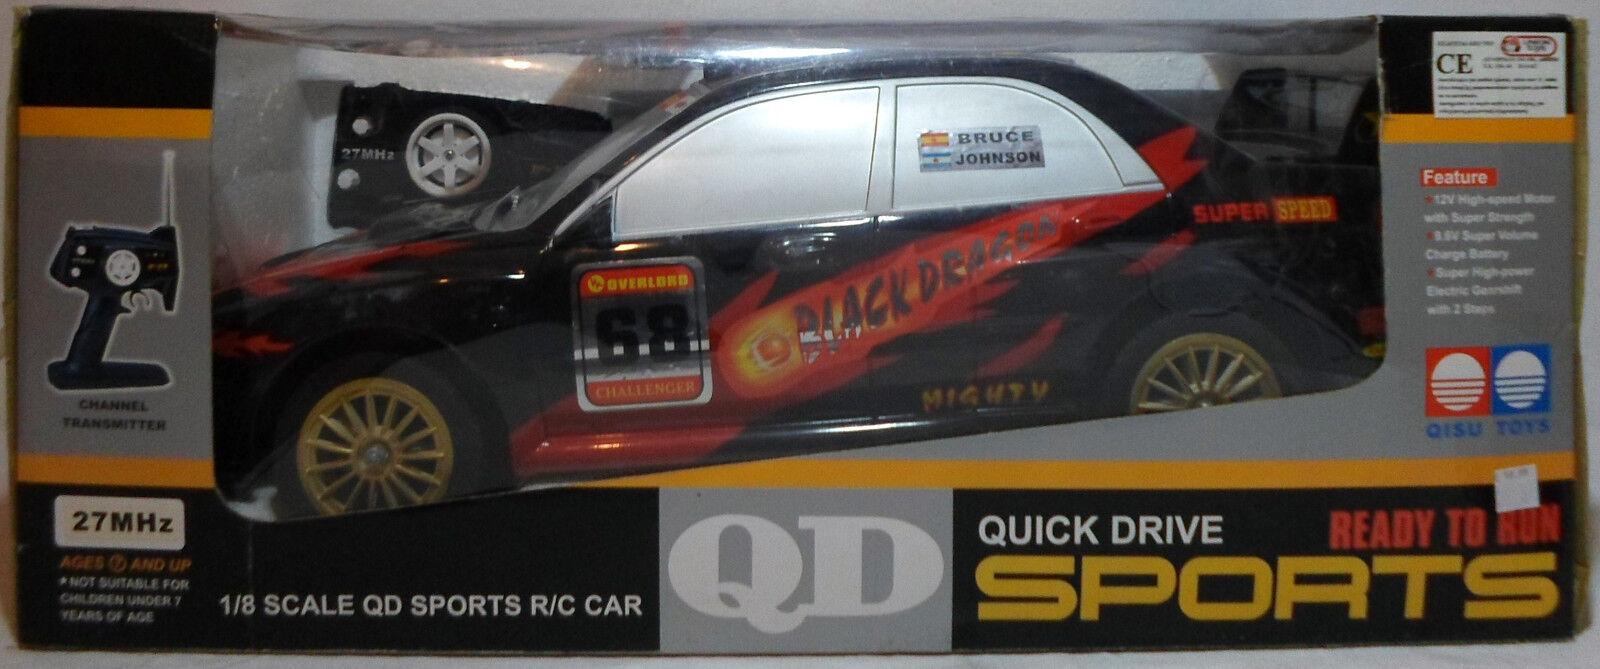 Qd Subaru Impreza enorme 1 8 De 20  Racer 27 Mhz Multi Función Rc no trabajo MIP